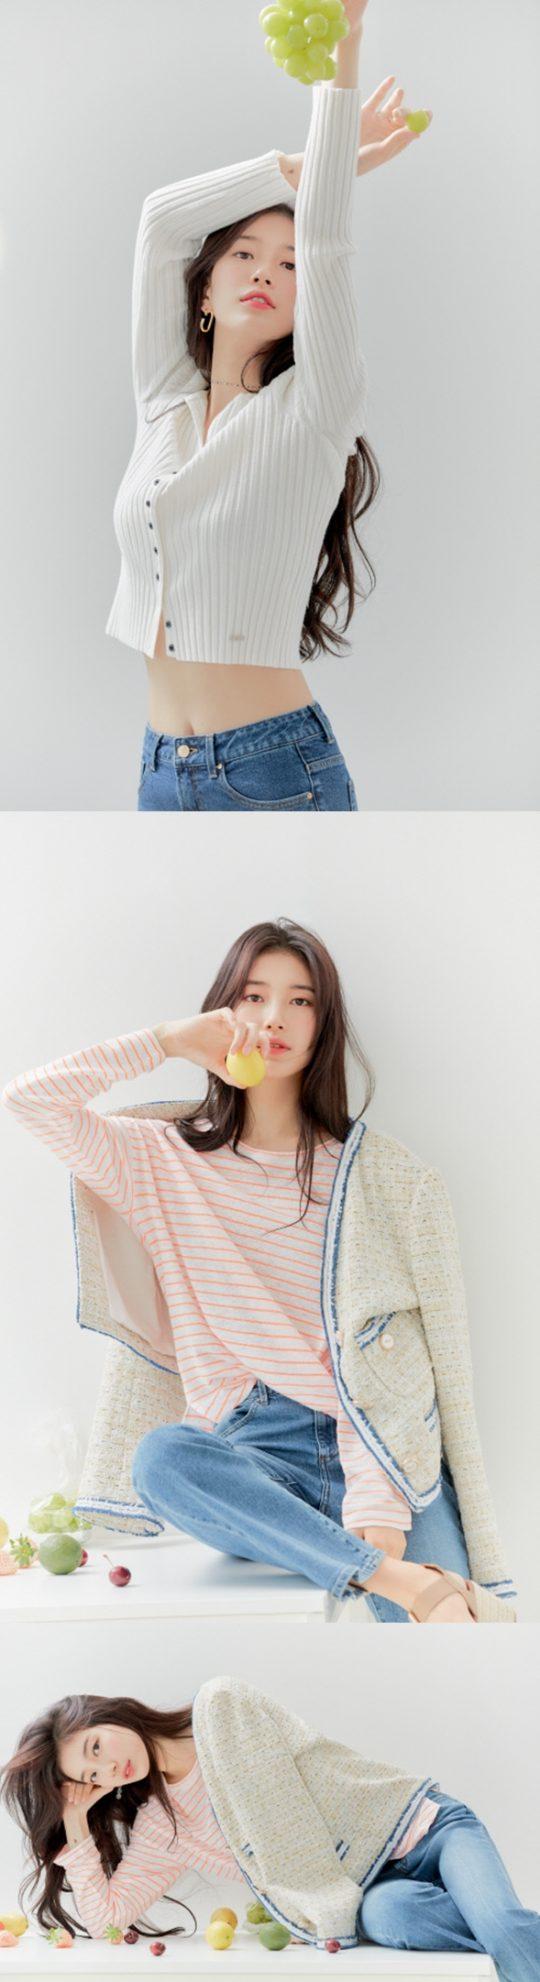 배우 겸 가수 수지./사진제공=게스